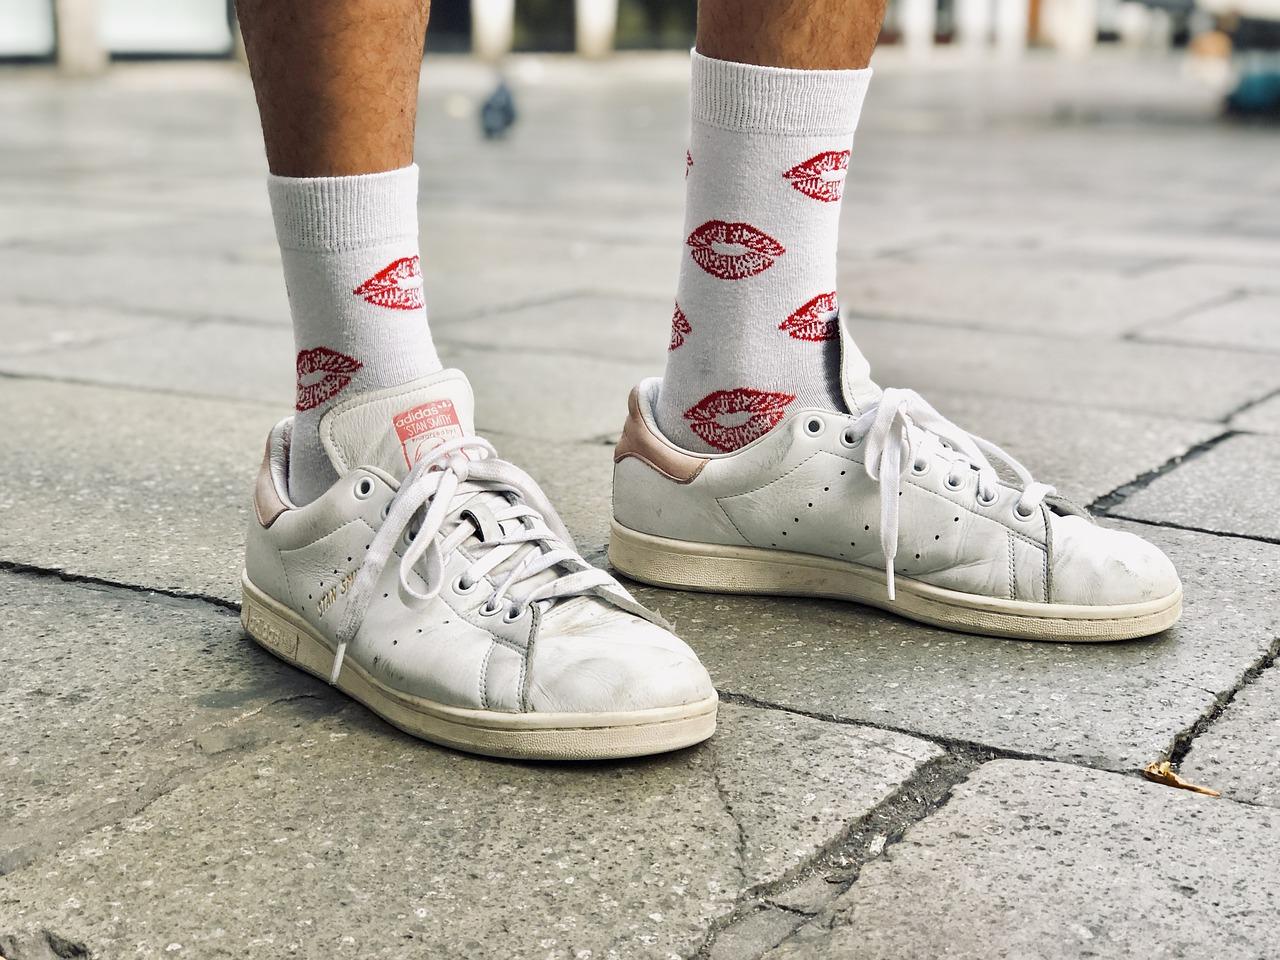 Adidas Stan Smith Chaussettes - Photo gratuite sur Pixabay